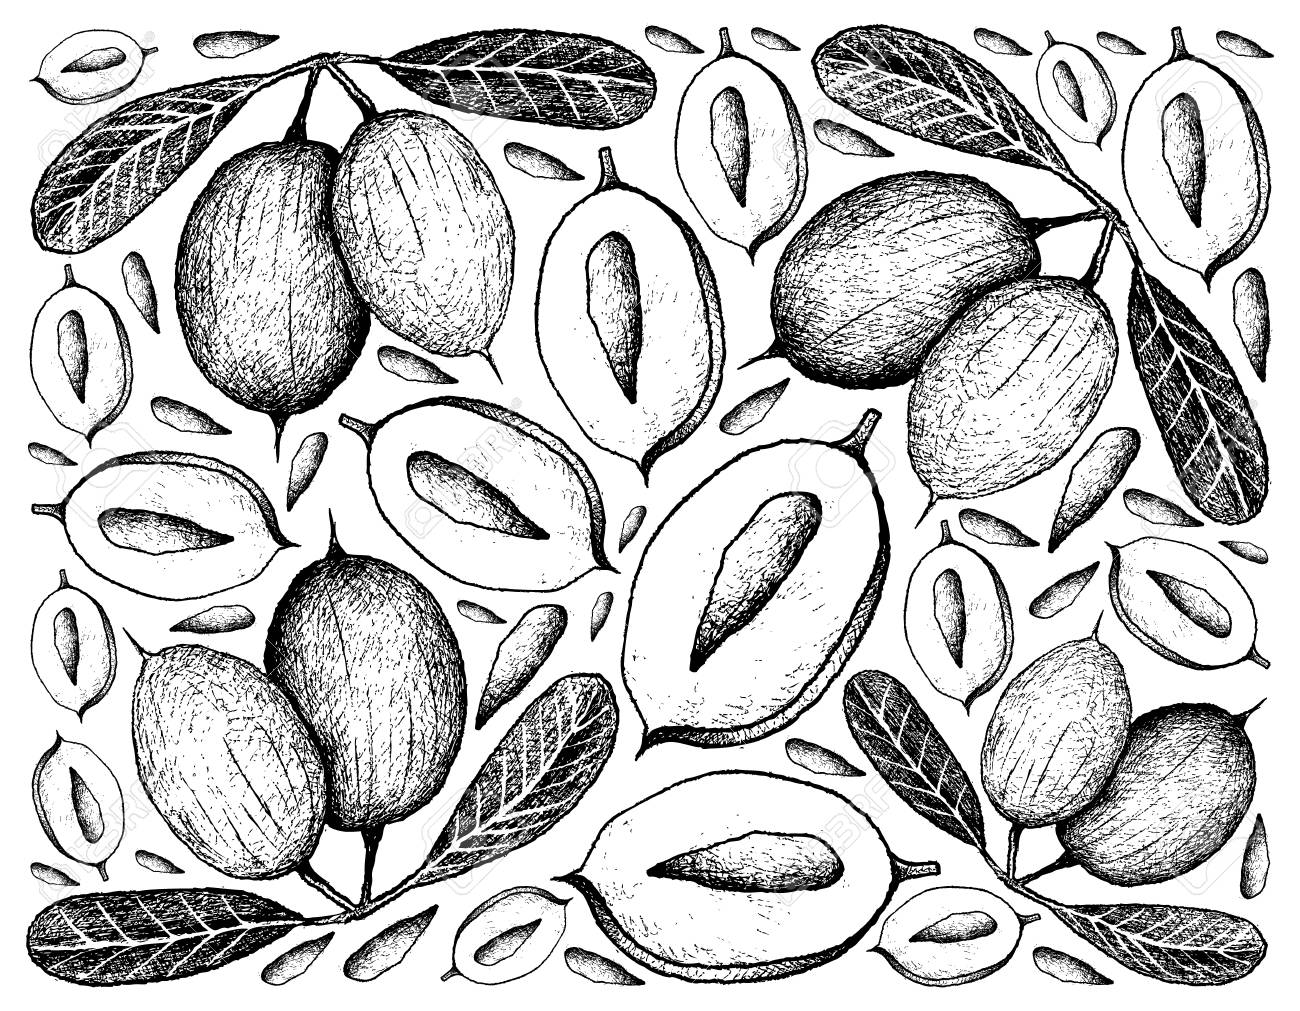 トロピカルフルーツ イラスト壁紙の背景の手描きスケッチ新鮮なカランダやカリッサカランダスフルーツ のイラスト素材 ベクタ Image